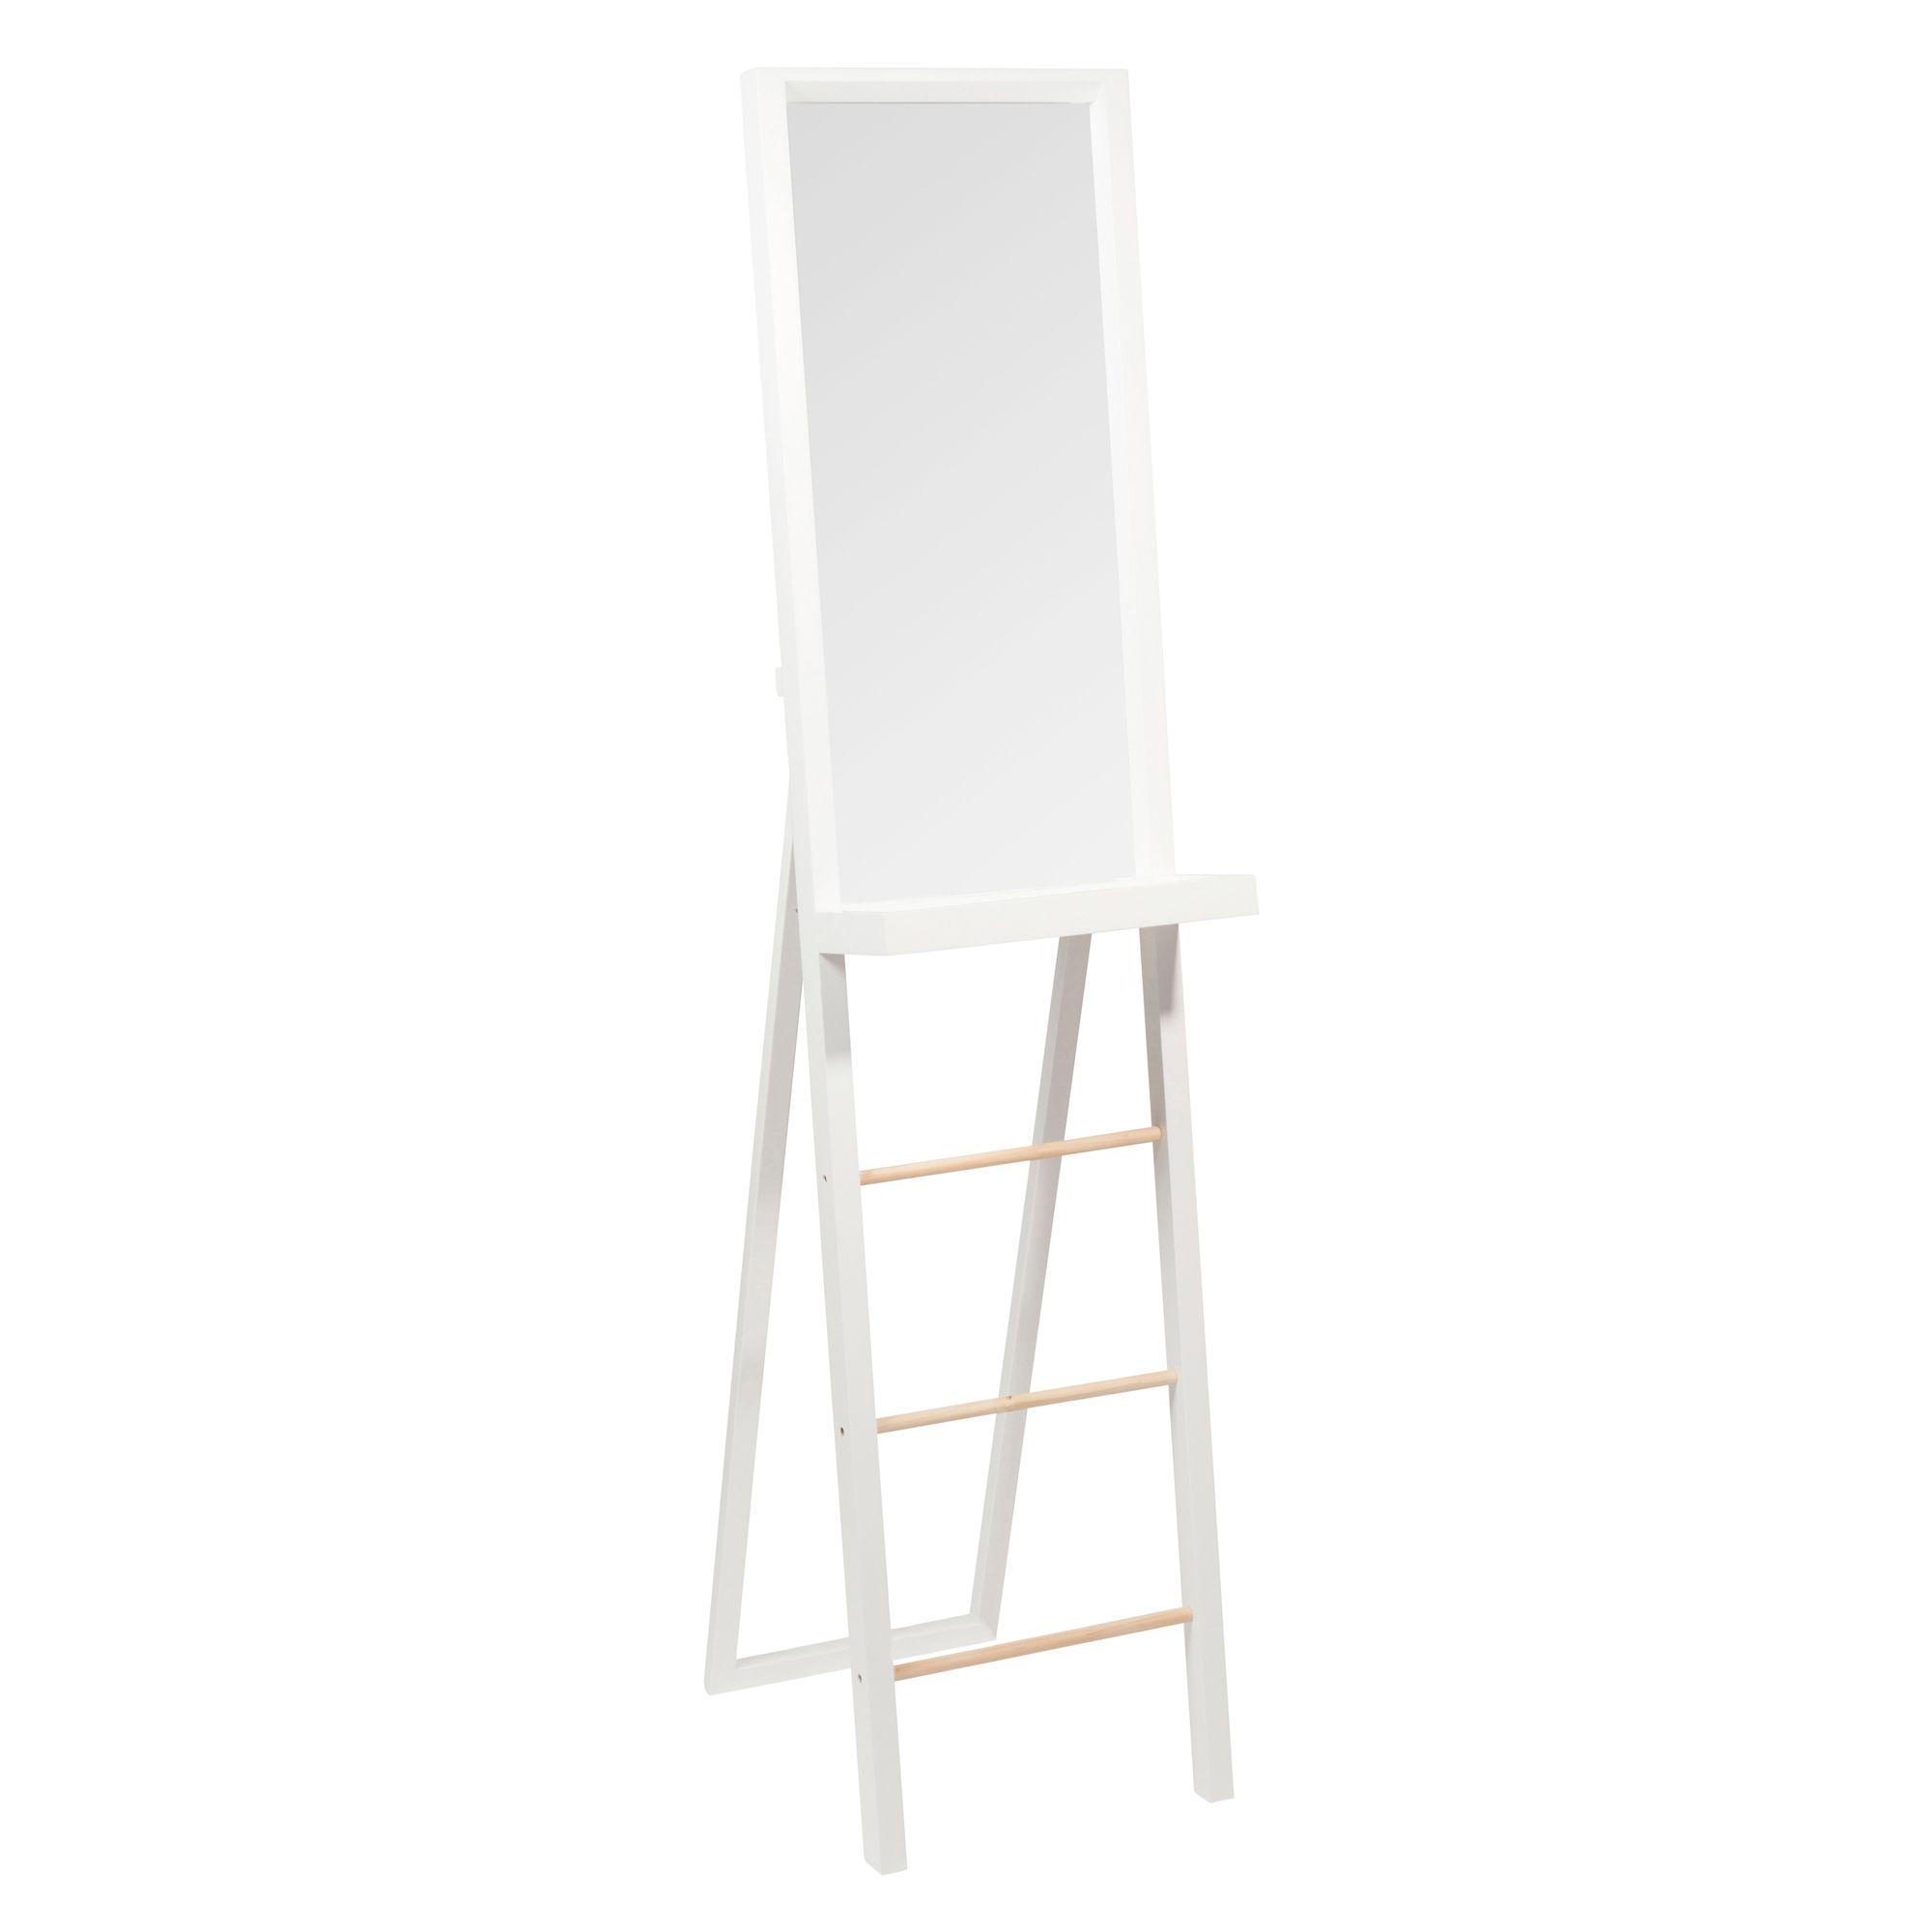 Miroir psyché en bois blanc H 160 cm WHITE